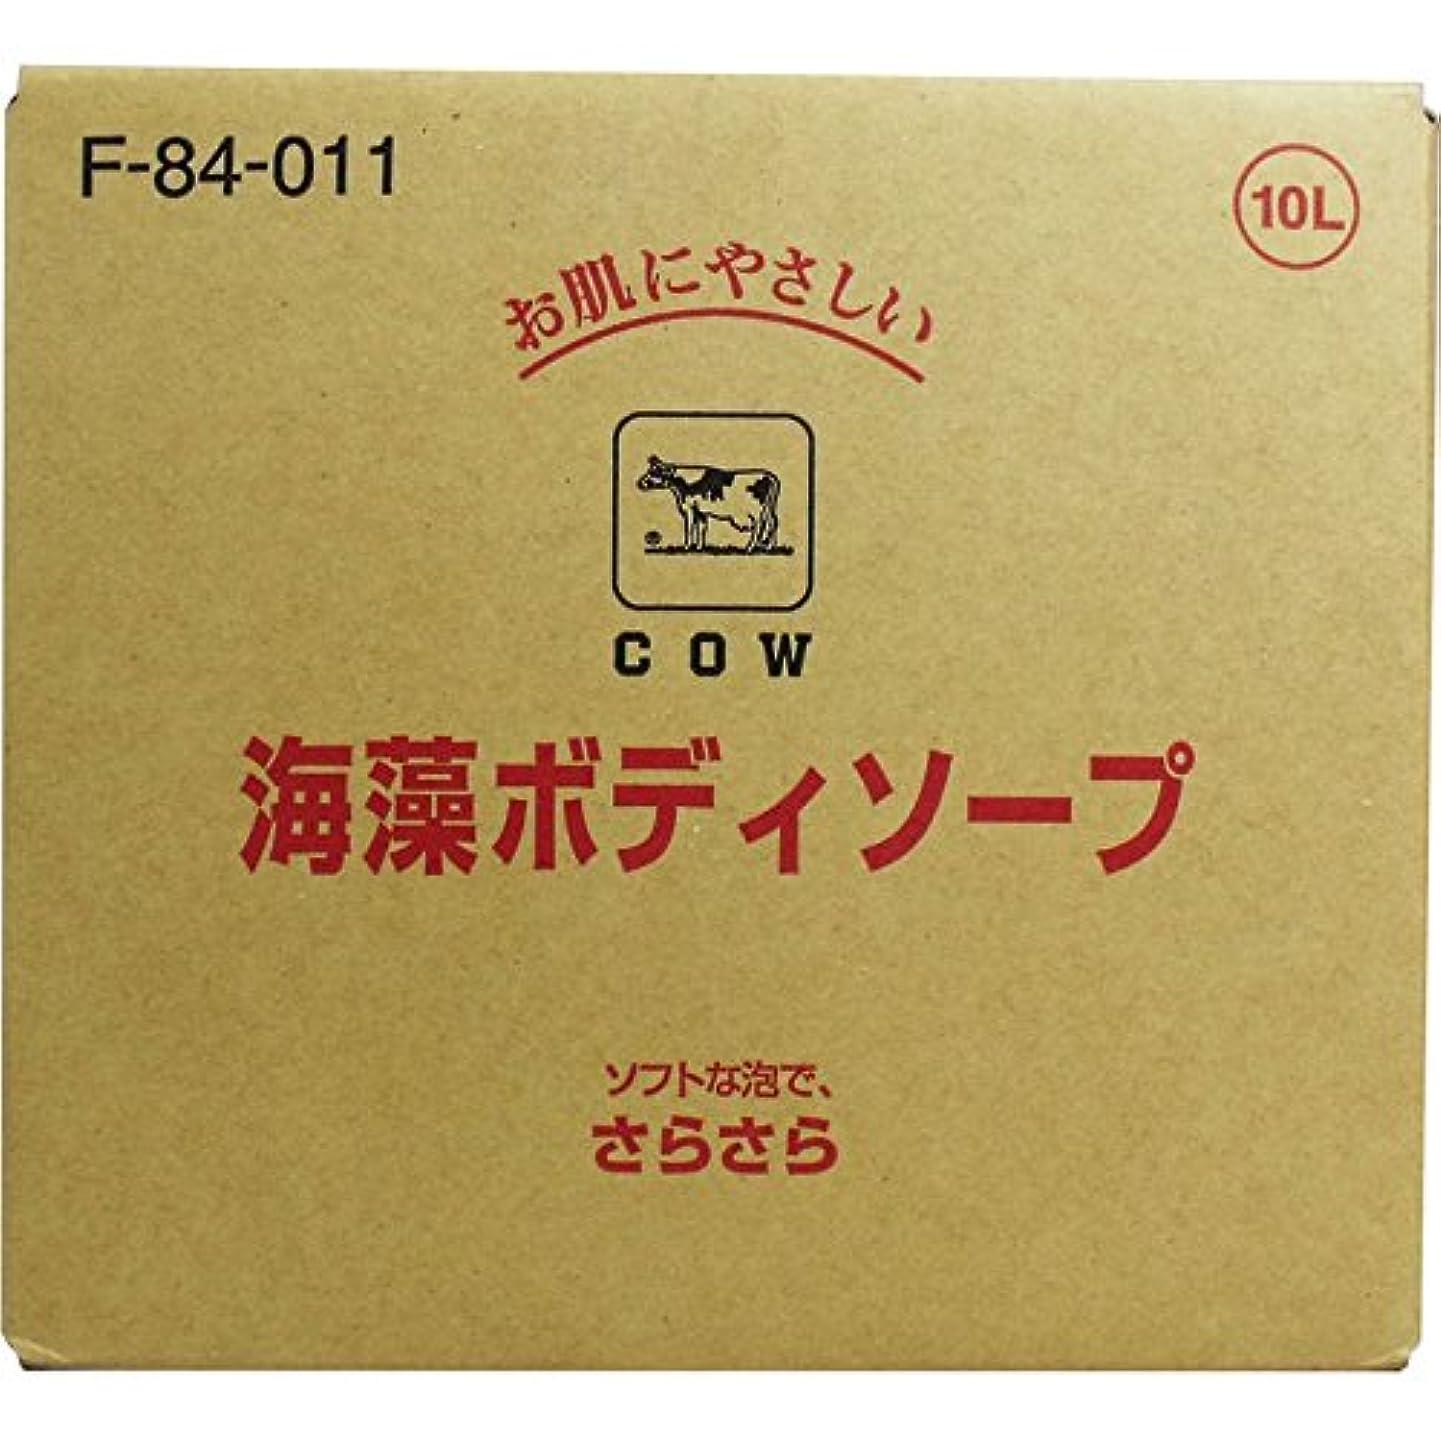 前書き代表する動ボディ 石けん詰め替え さらさらした洗い心地 便利商品 牛乳ブランド 海藻ボディソープ 業務用 10L